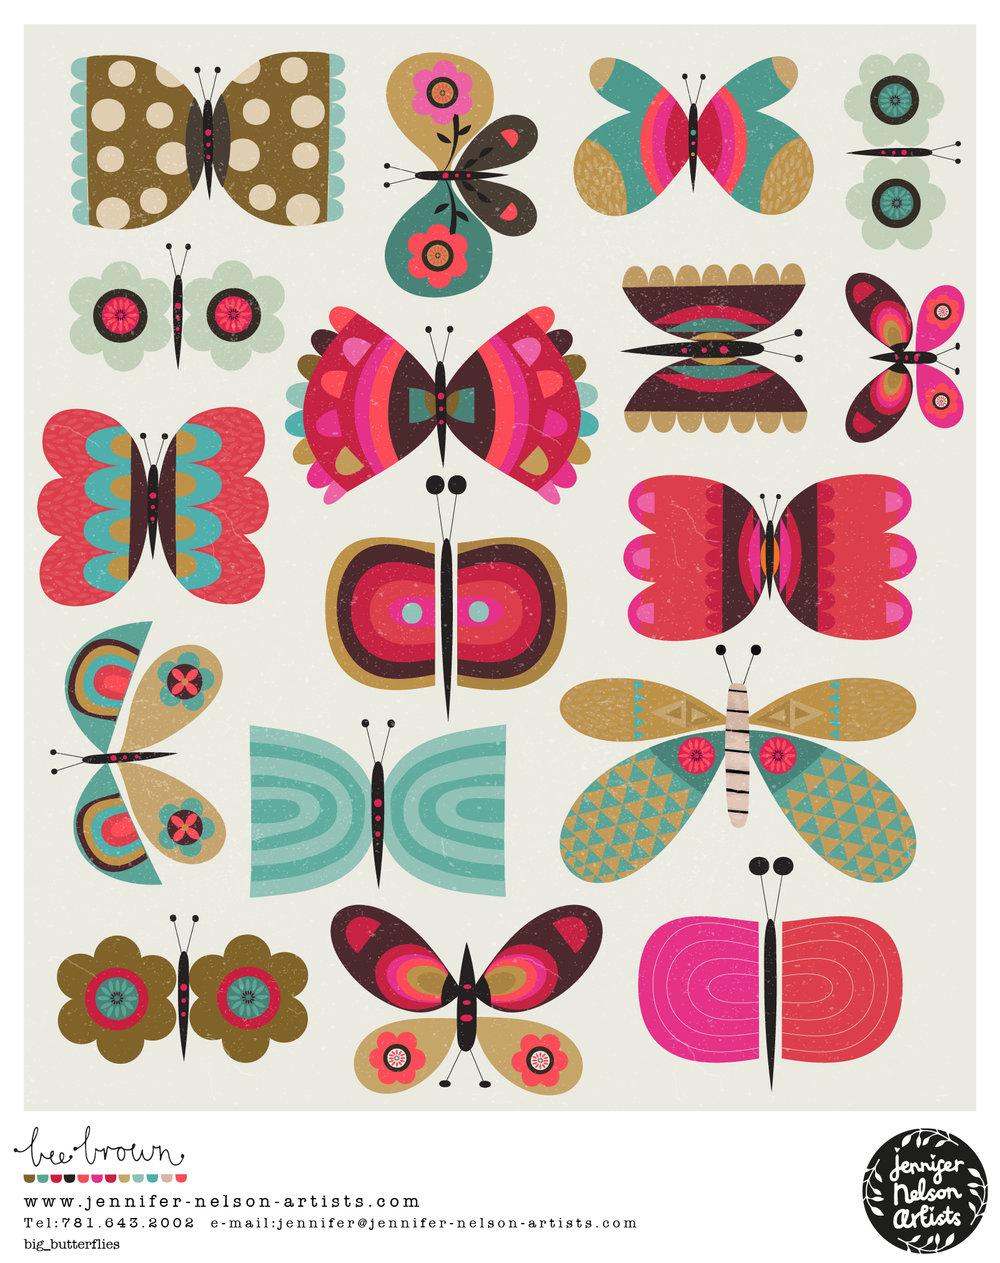 bee_brown_big_butterflies